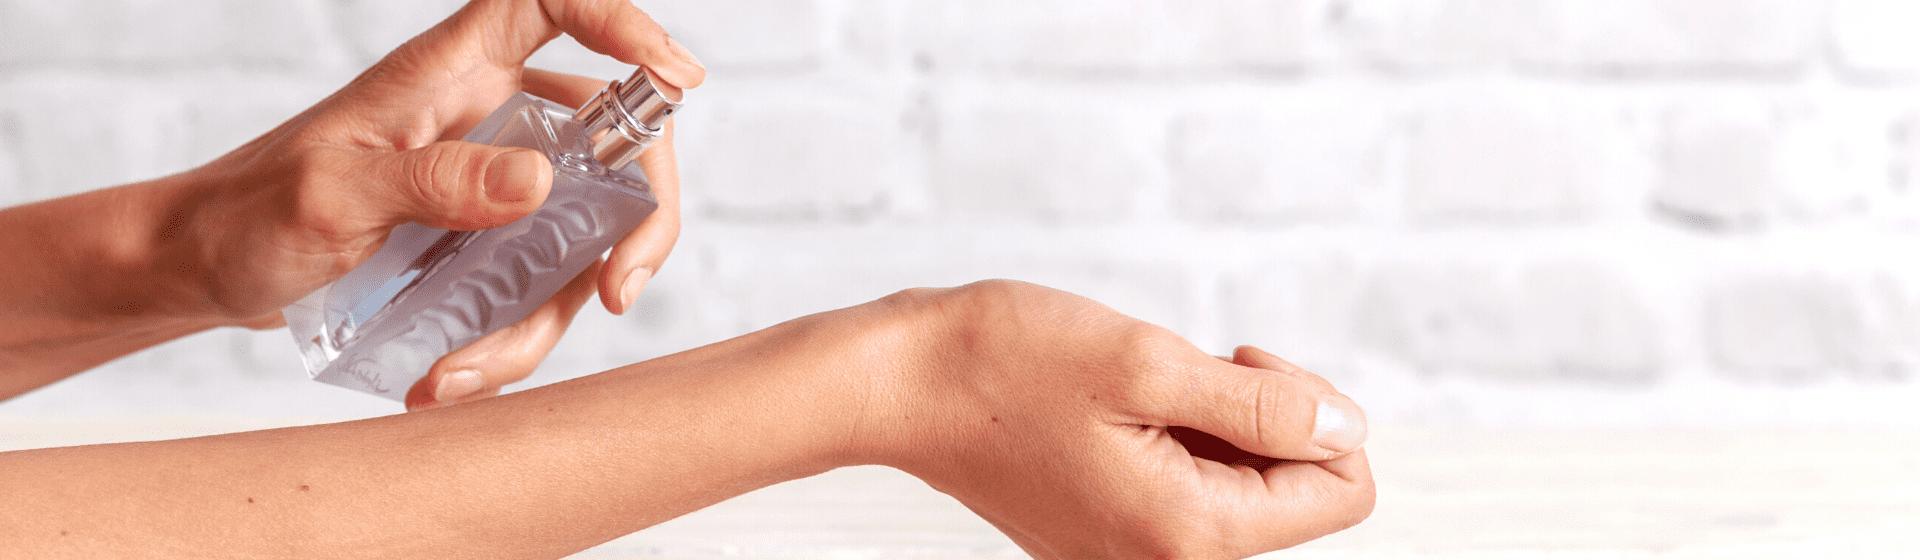 Melhores perfumes nacionais de 2021: 10 opções para comprar